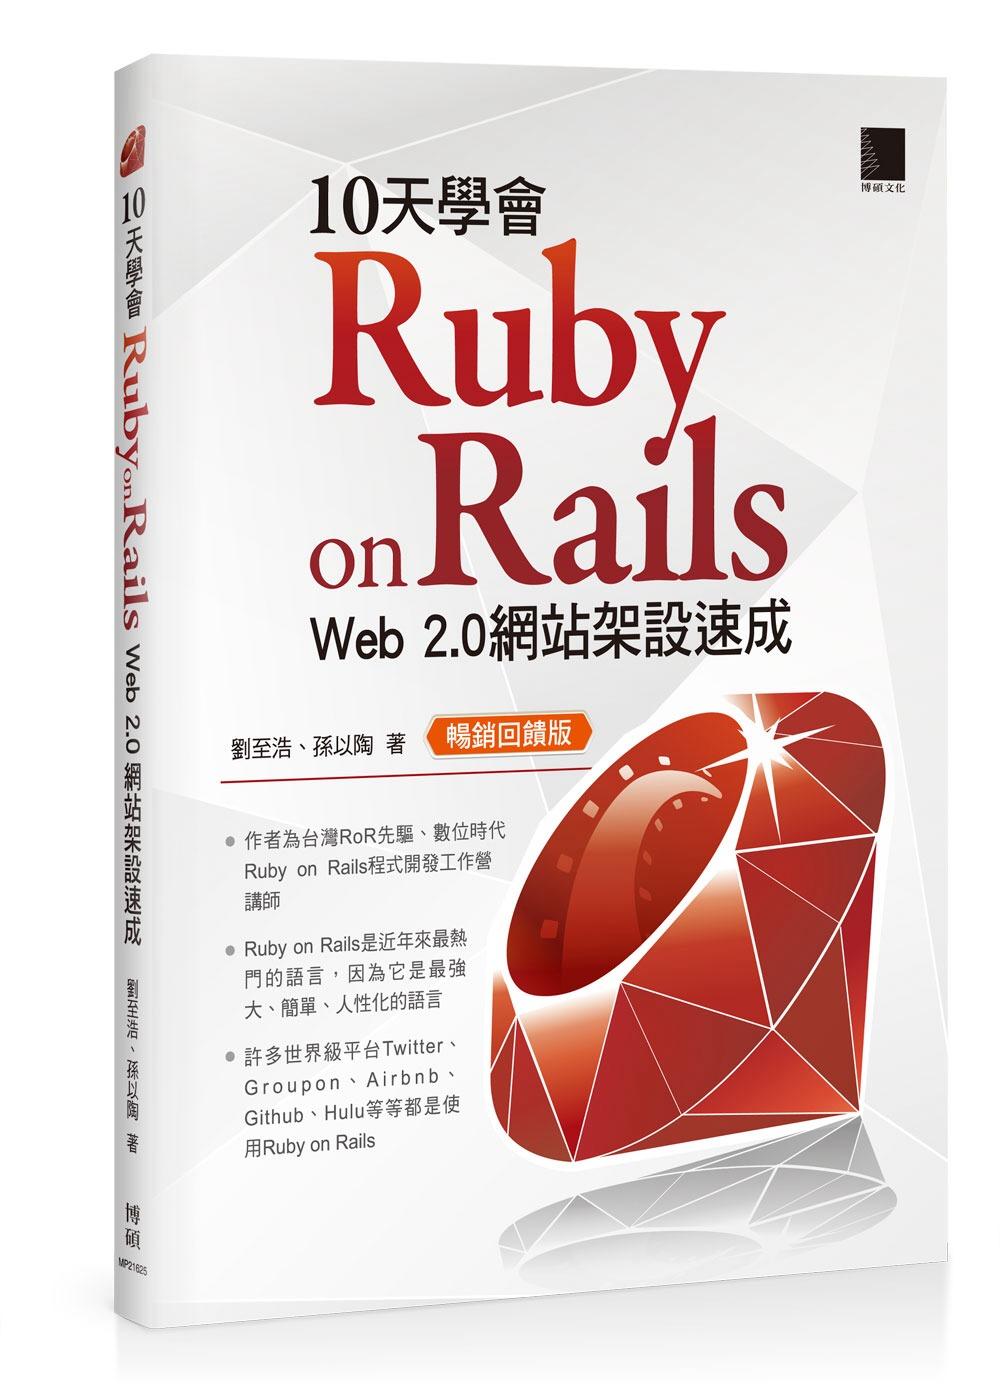 10天學會 Ruby on Rails:Web 2.0 網站架設速成 暢銷 版